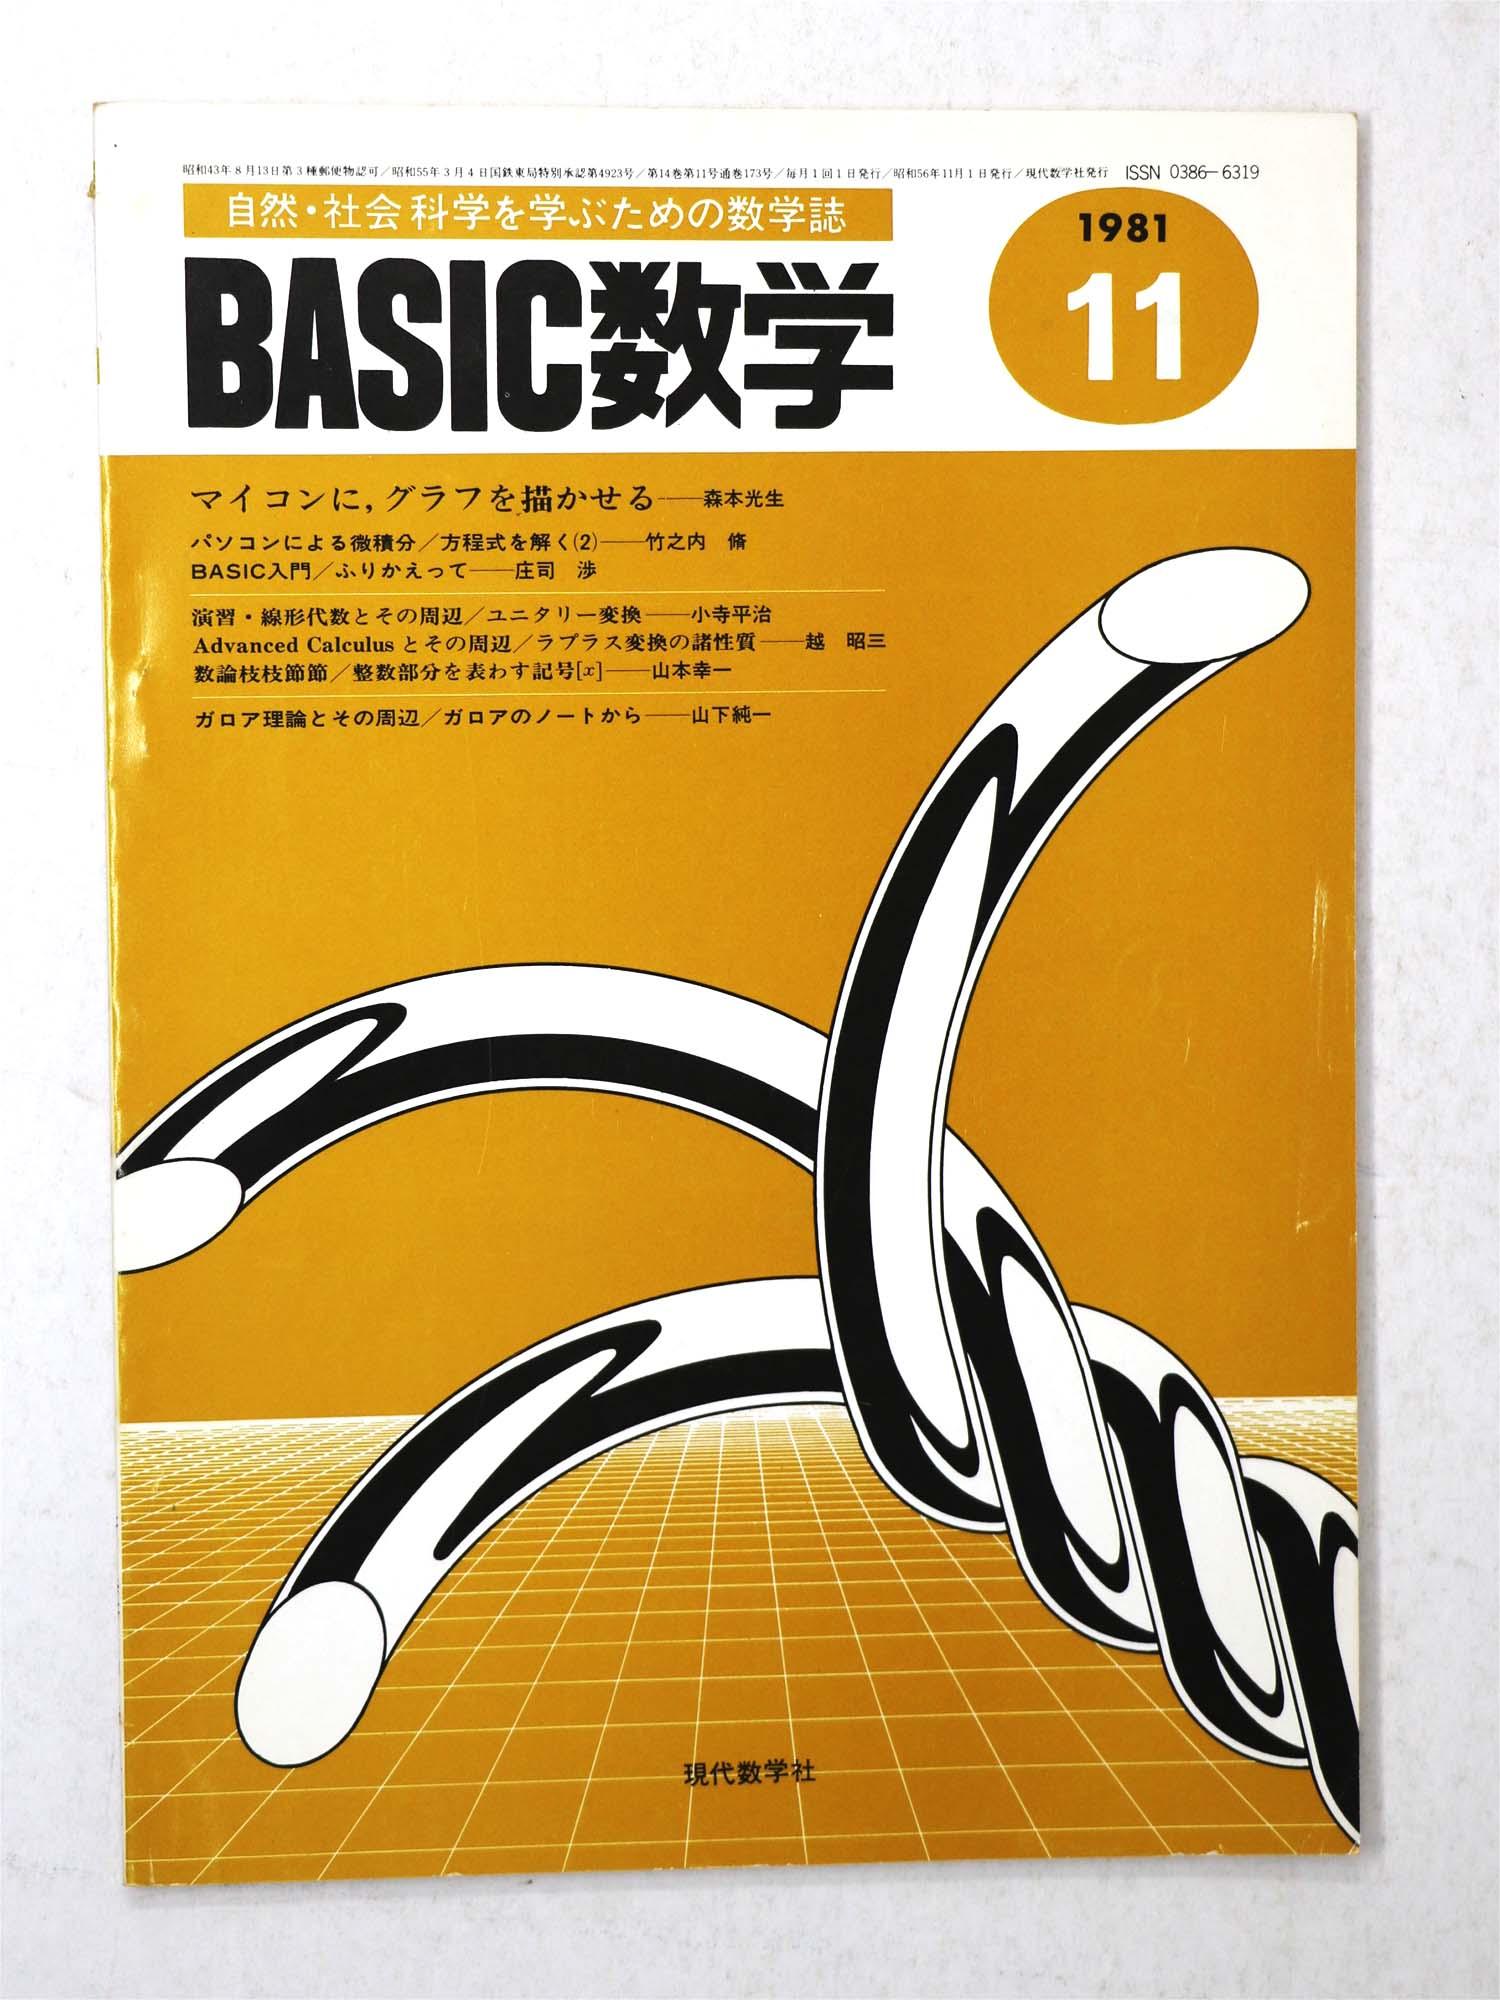 BASIC数学 1981年11月号:マイコンにグラフを描かせる